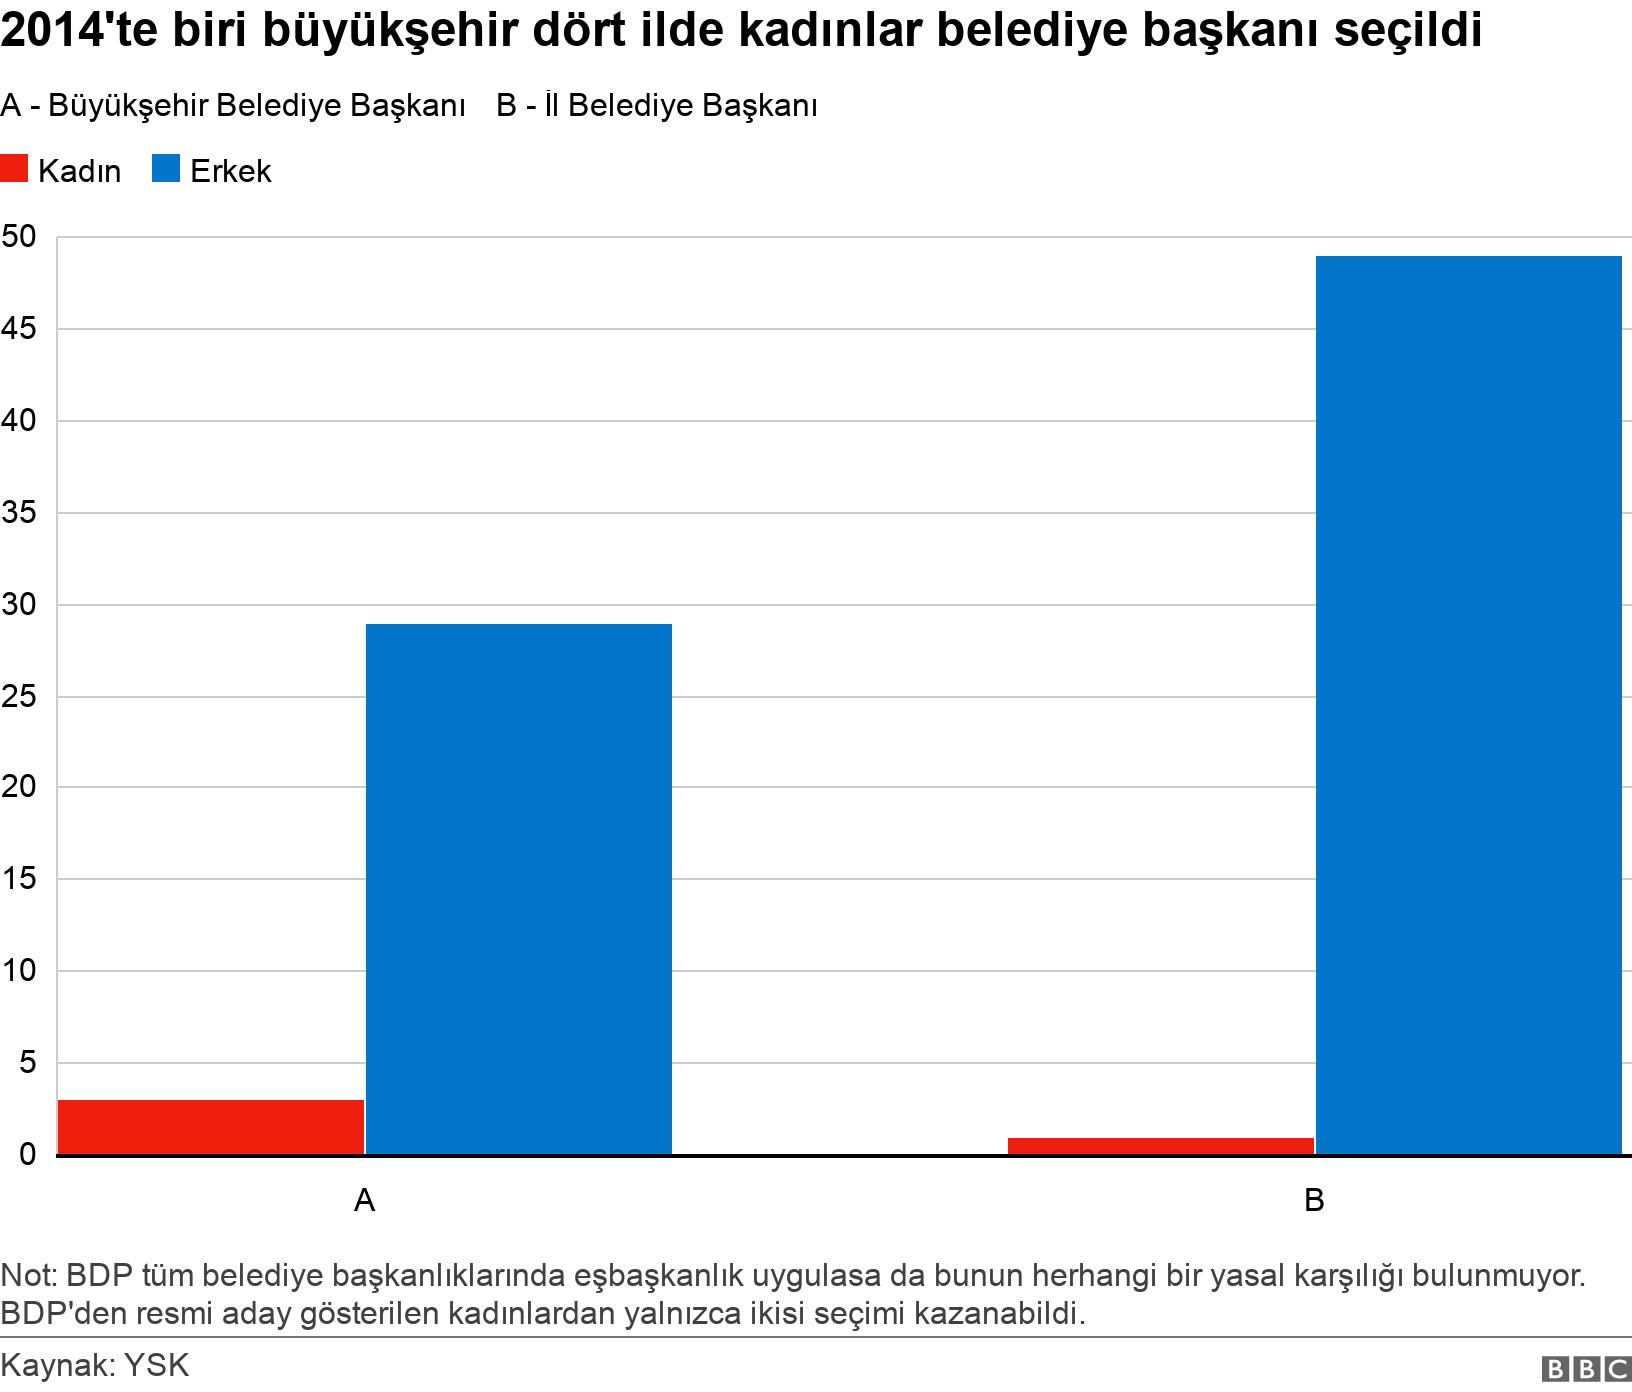 2014'te biri büyükşehir dört ilde kadınlar belediye başkanı seçildi. .  Not: BDP tüm belediye başkanlıklarında eşbaşkanlık uygulasa da bunun herhangi bir yasal karşılığı bulunmuyor. BDP'den resmi aday gösterilen kadınlardan yalnızca ikisi seçimi kazanabildi..